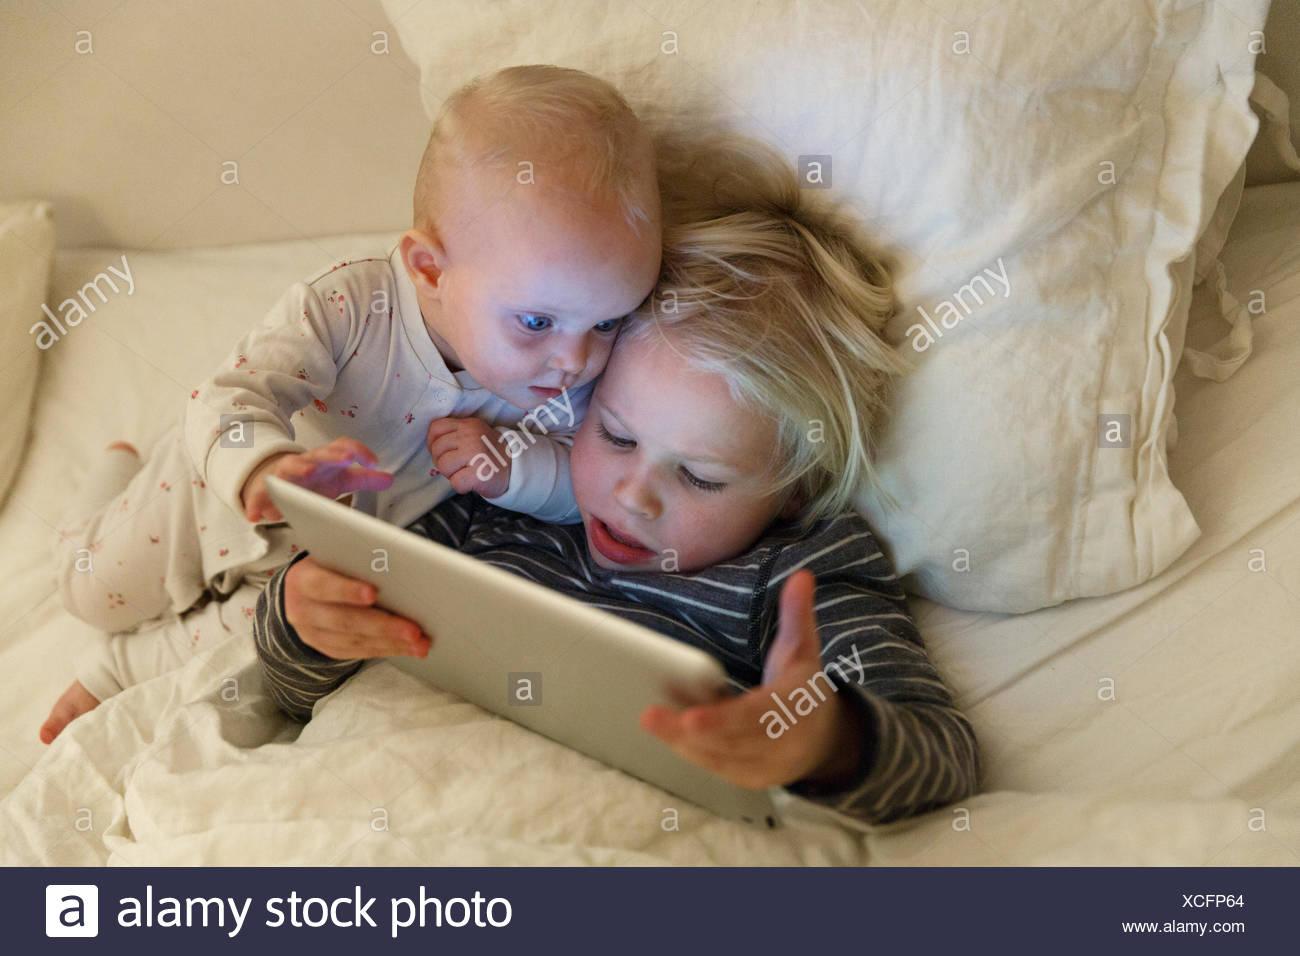 Les enfants à l'aide d'un tablet in bed Photo Stock